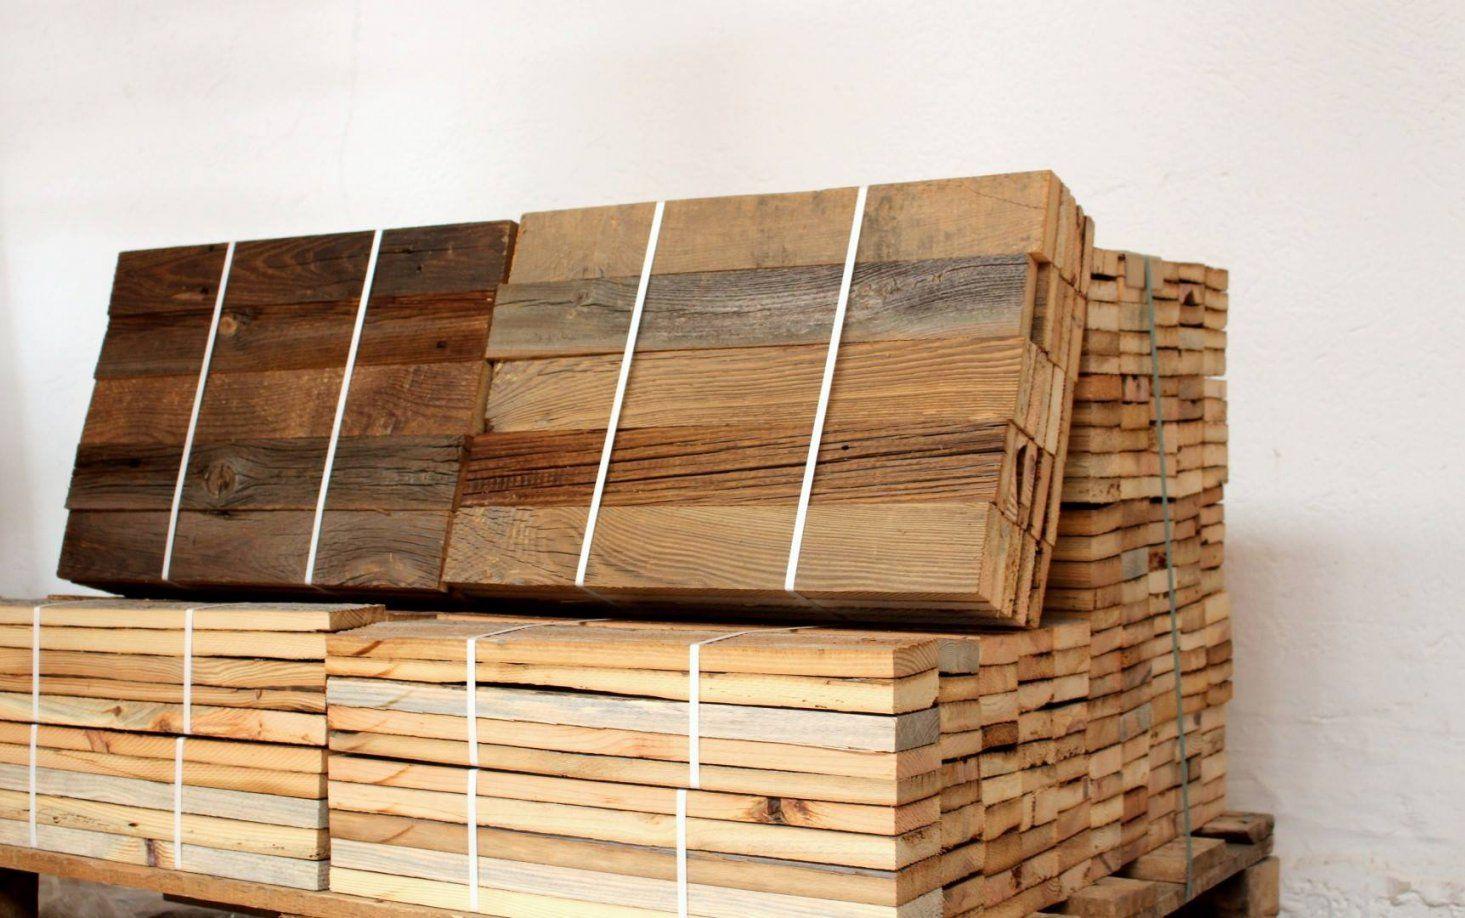 Wandvertäfelung Holz Selber Machen – Interior Design Ideen von Holz Wandverkleidung Selber Machen Bild